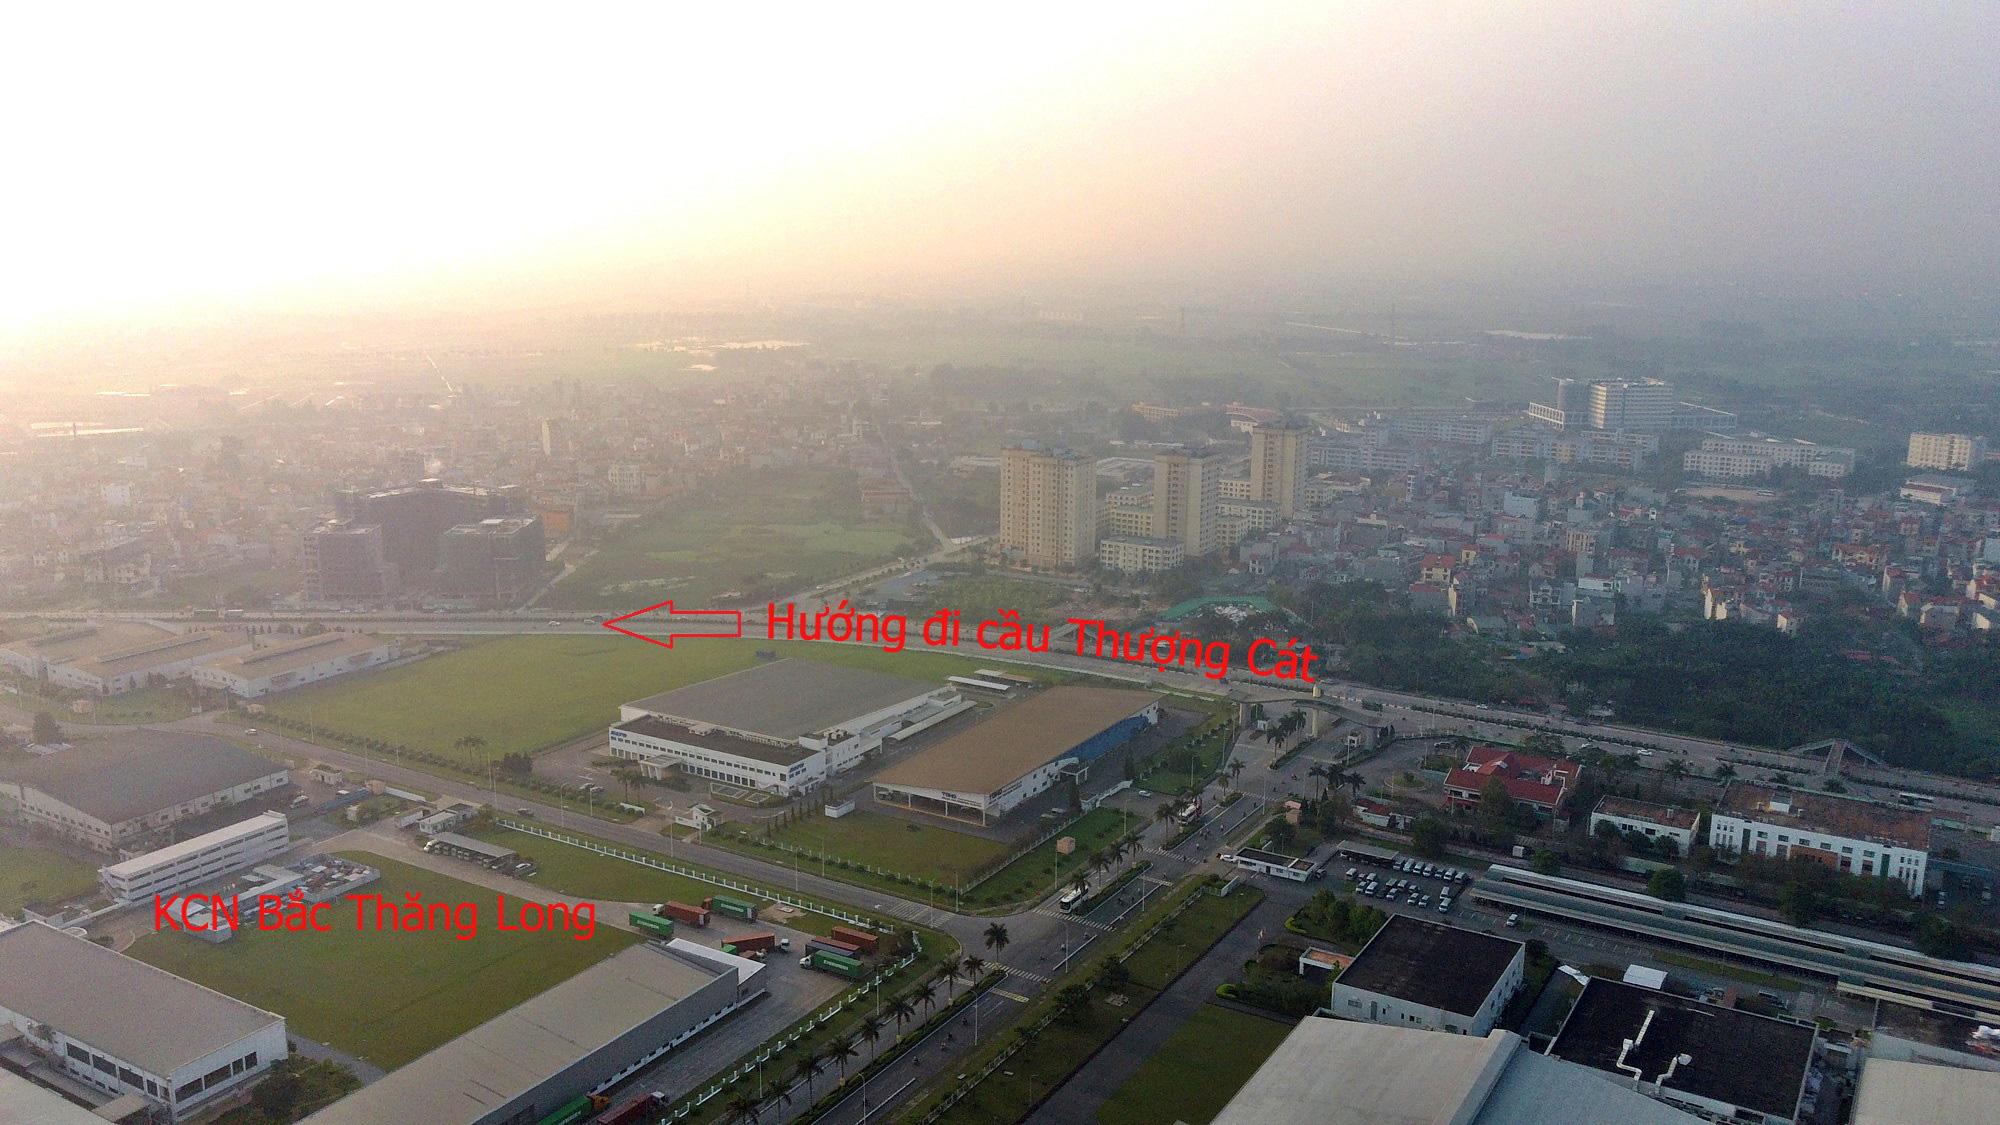 Cầu sẽ mở theo qui hoạch ở Hà Nội: Toàn cảnh cầu Thượng Cát nối Bắc Từ Liêm với Đông Anh - Ảnh 18.